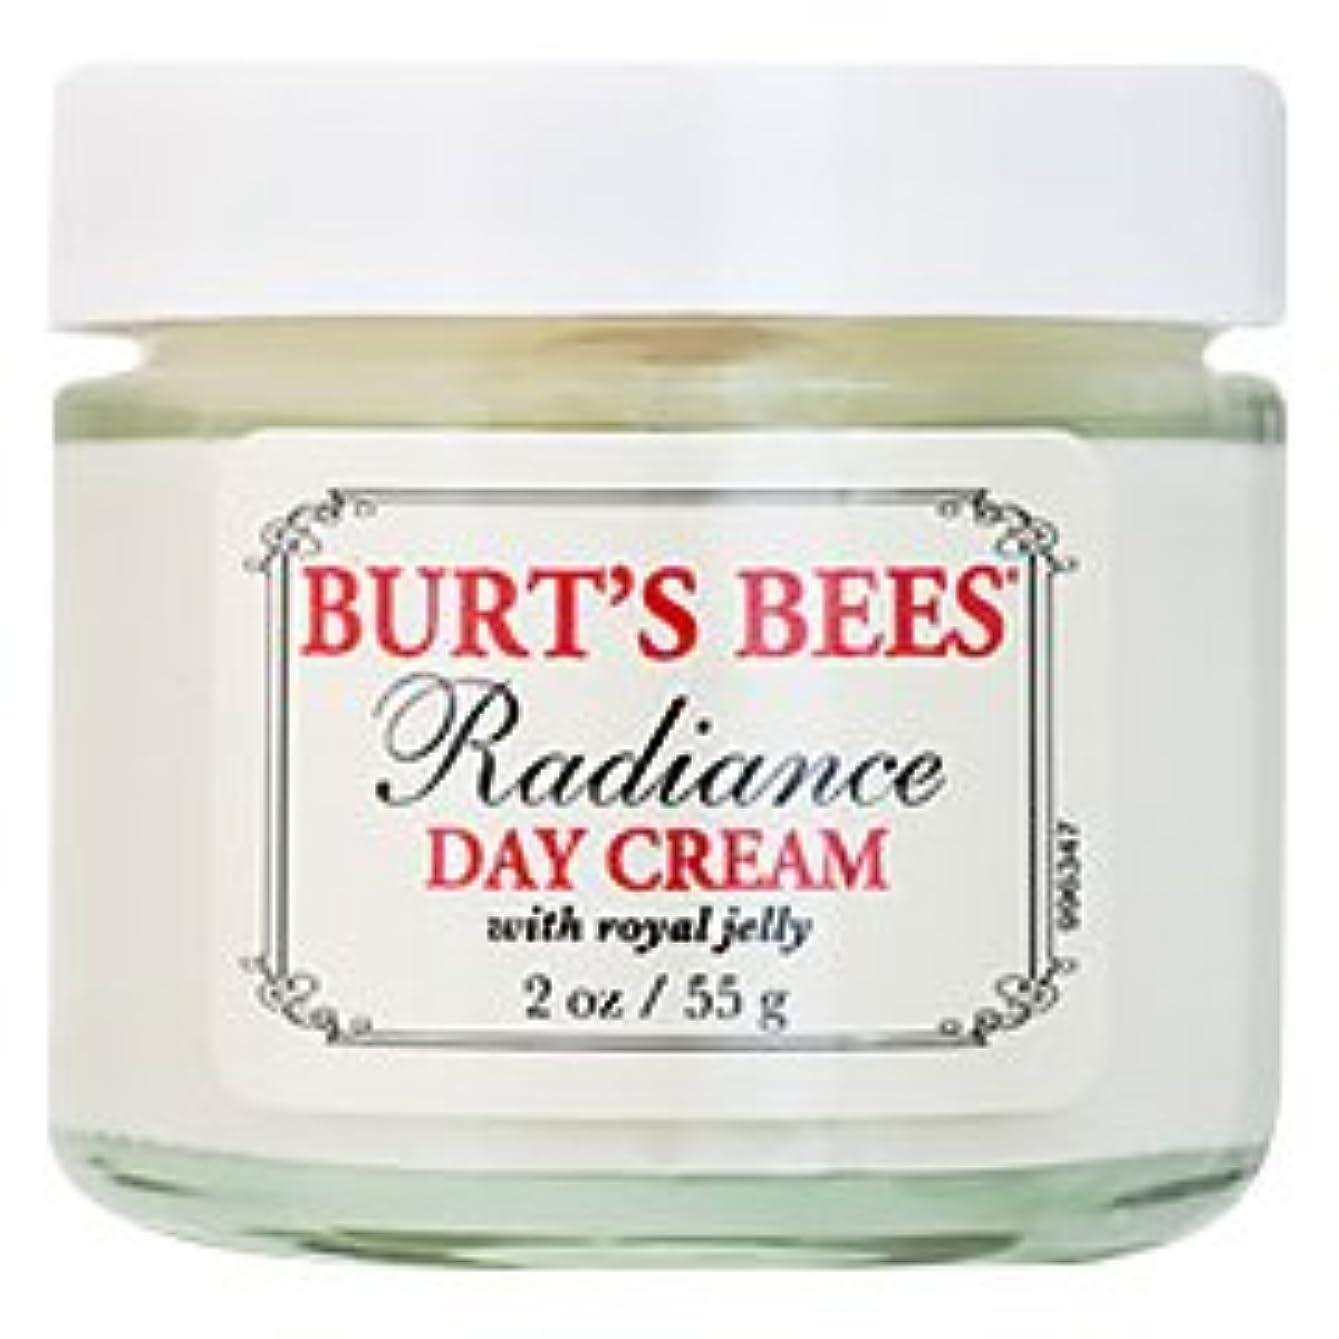 怠けたペパーミント座標バーツビーズ(Burt's Bees) ラディアンス デイクリーム(ロイヤルジェリー) 55g [海外直送品][並行輸入品]